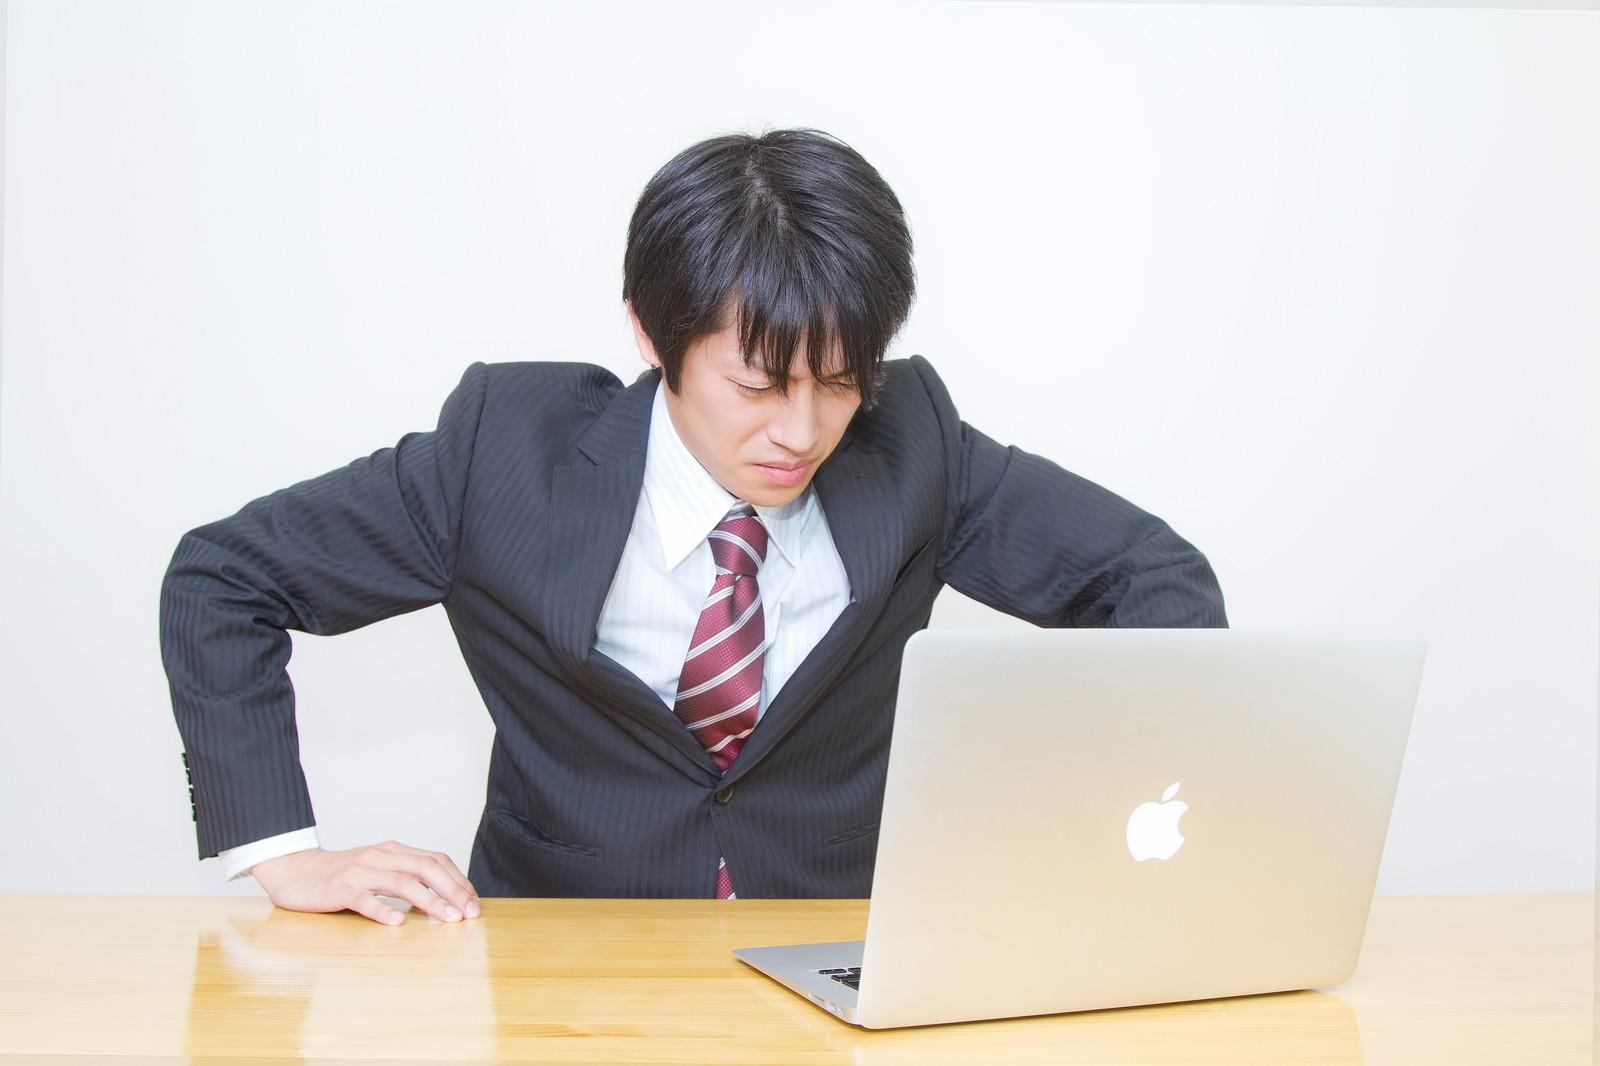 「打たれ弱い」新入社員を強く成長させる画像